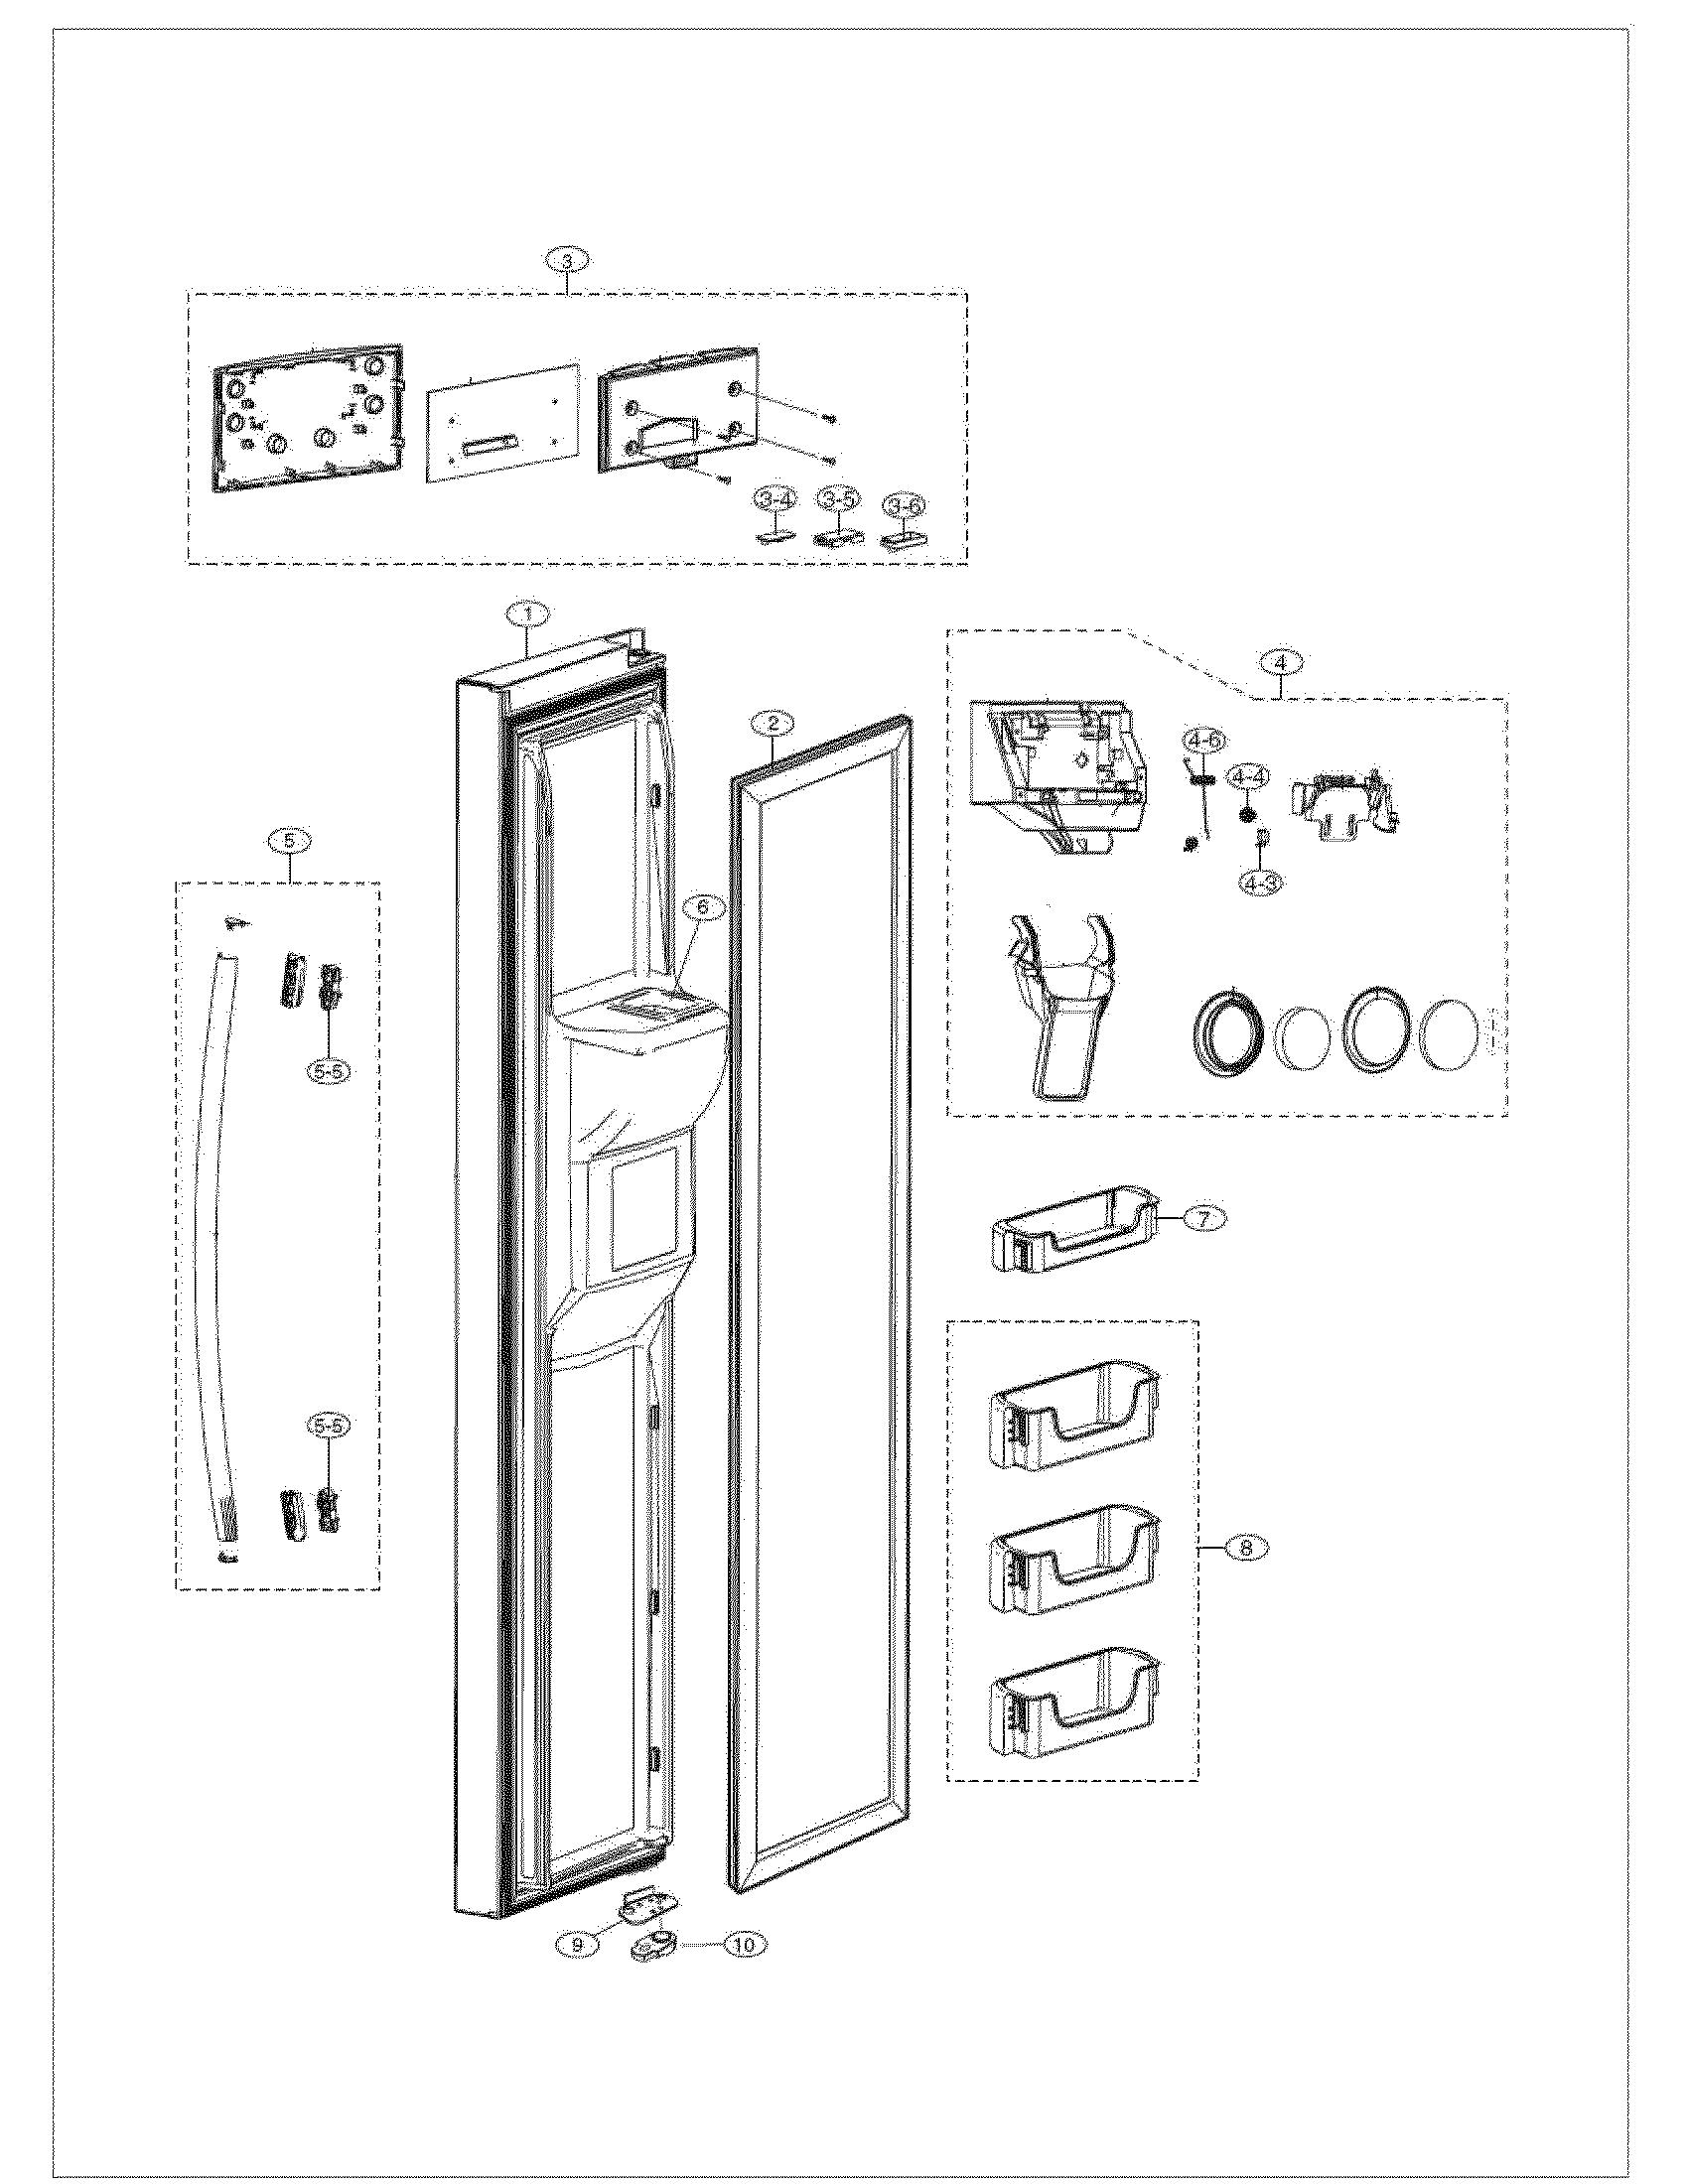 samsung refrigerator repair manual rs261mdbp